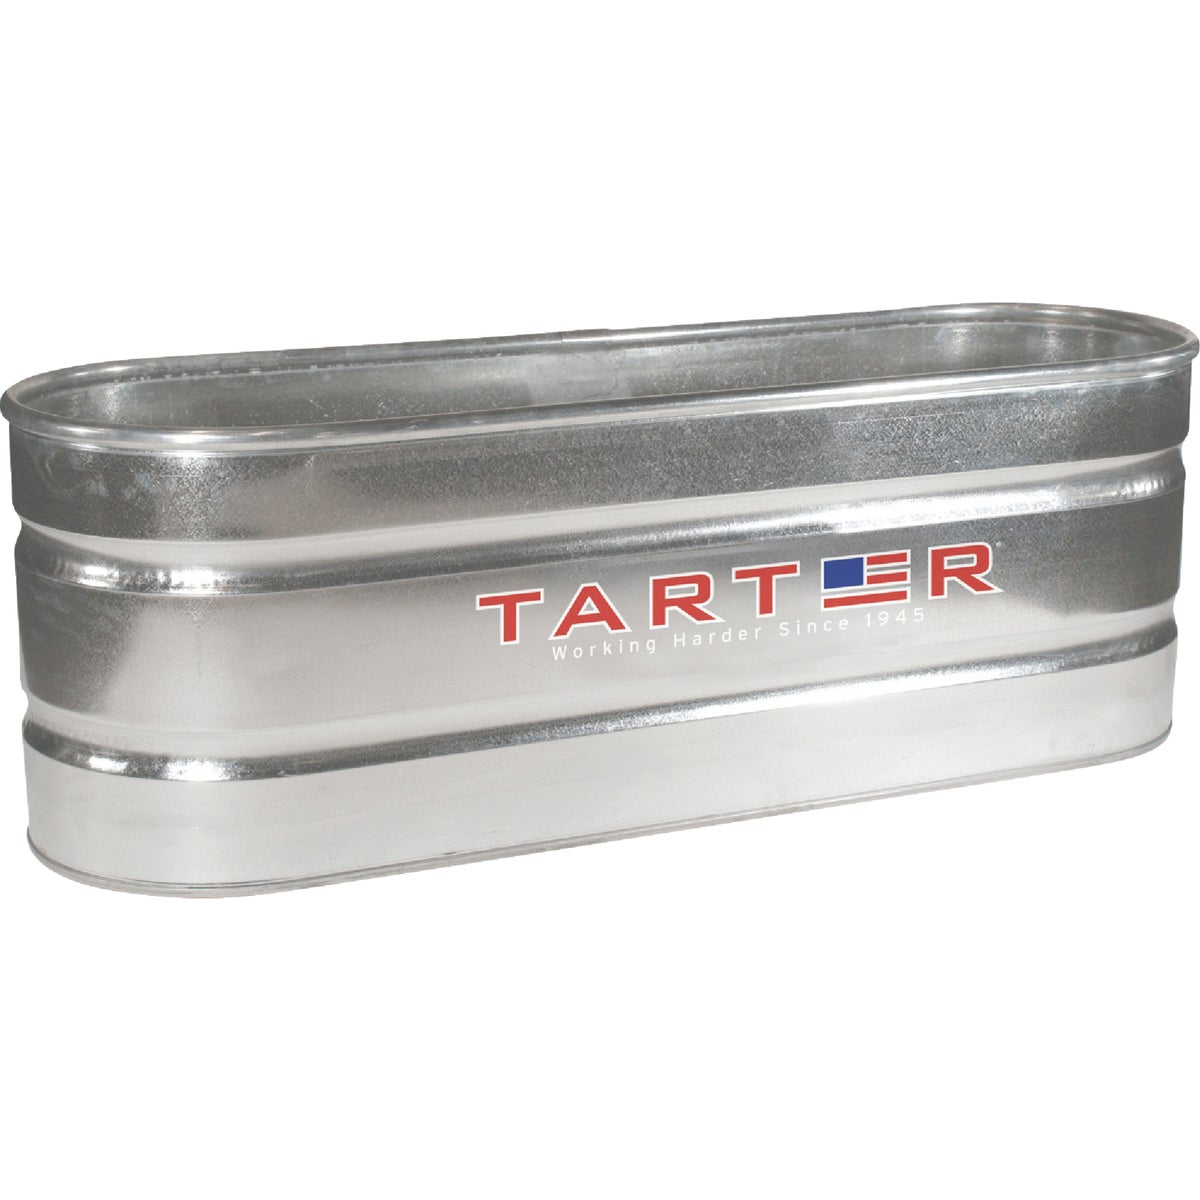 Tarter Gate 169GAL GLV WATER TANK WT226